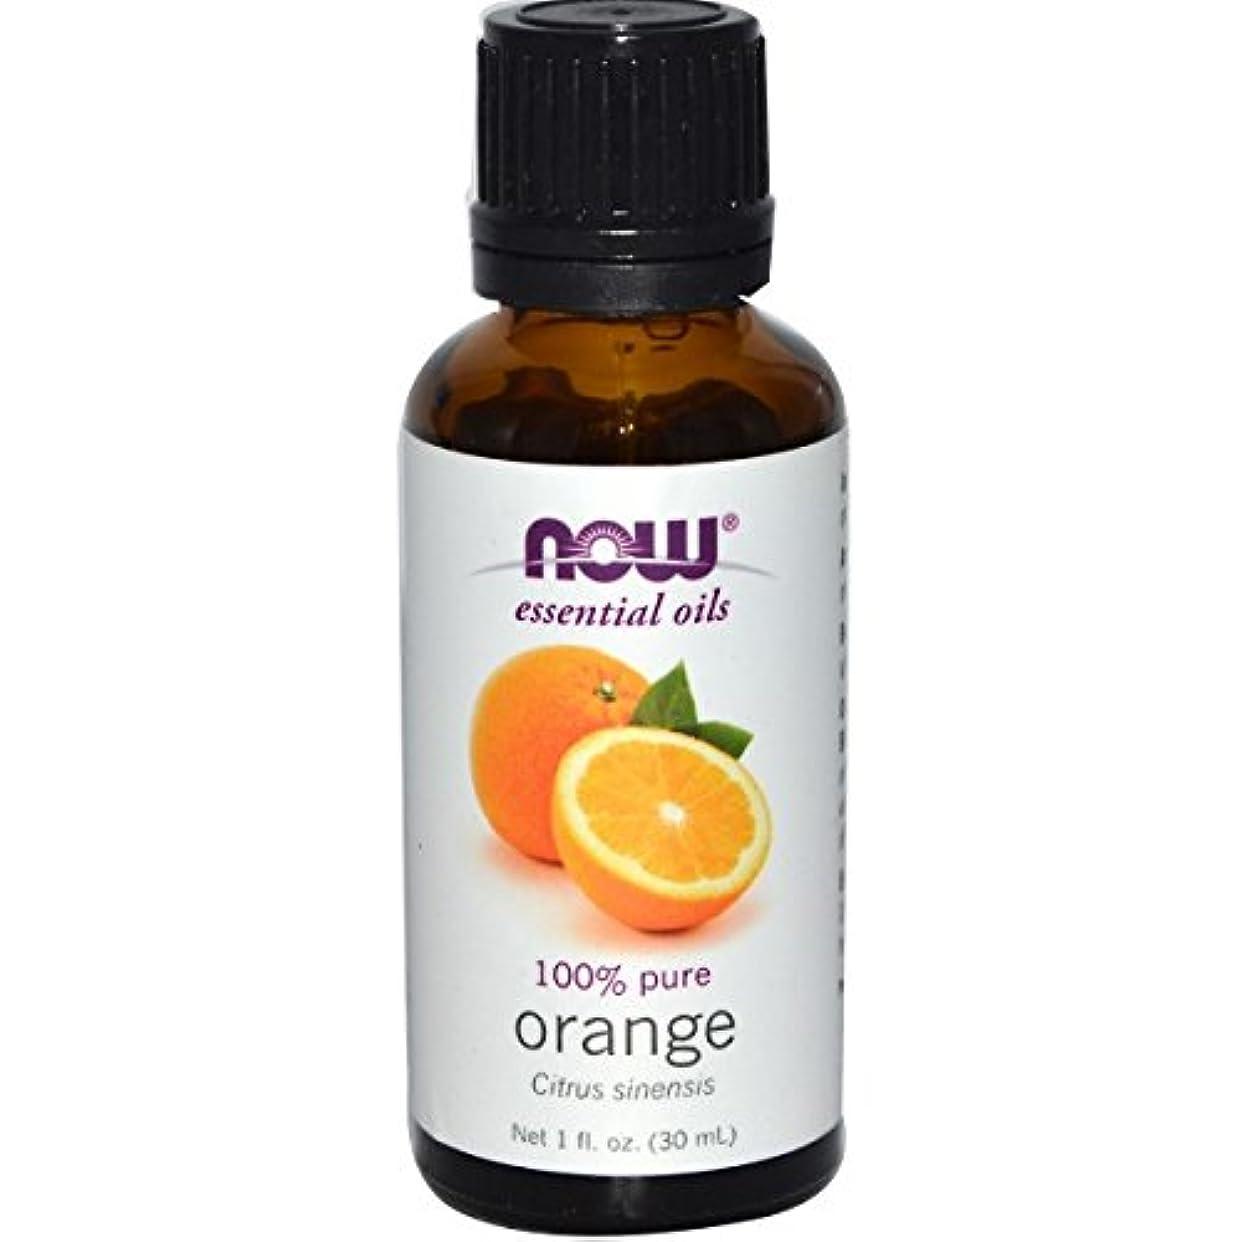 故意にアルネ順応性のあるNOWエッセンシャルオイル オレンジ精油 アロマオイル 30ml 【正規輸入品】